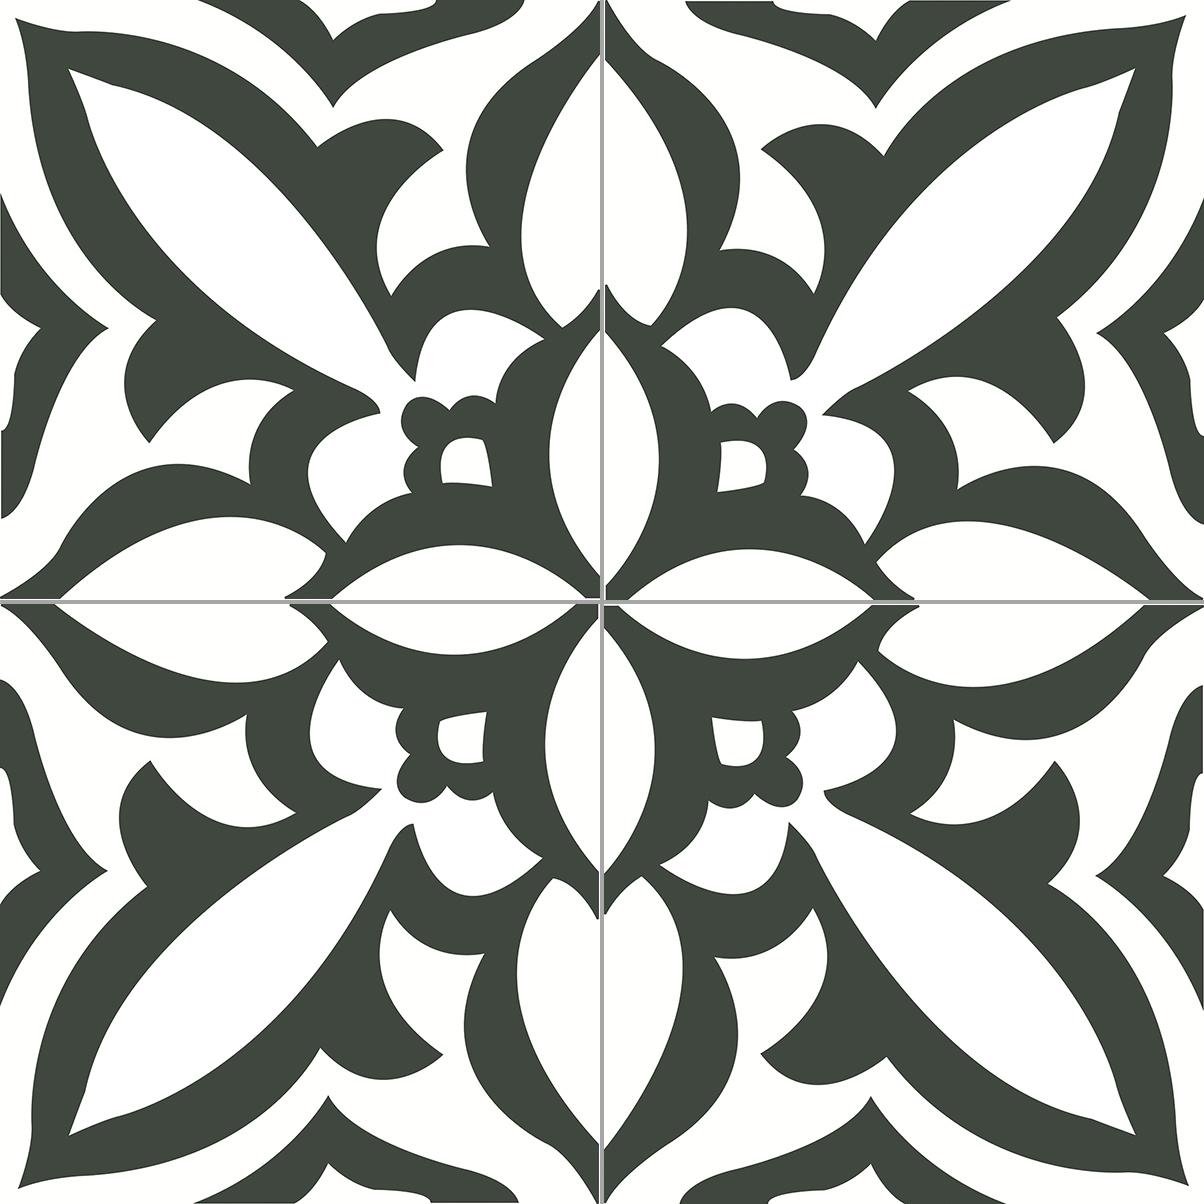 6.0009.20  Zementfliese / Retrofliese Elv Snow White